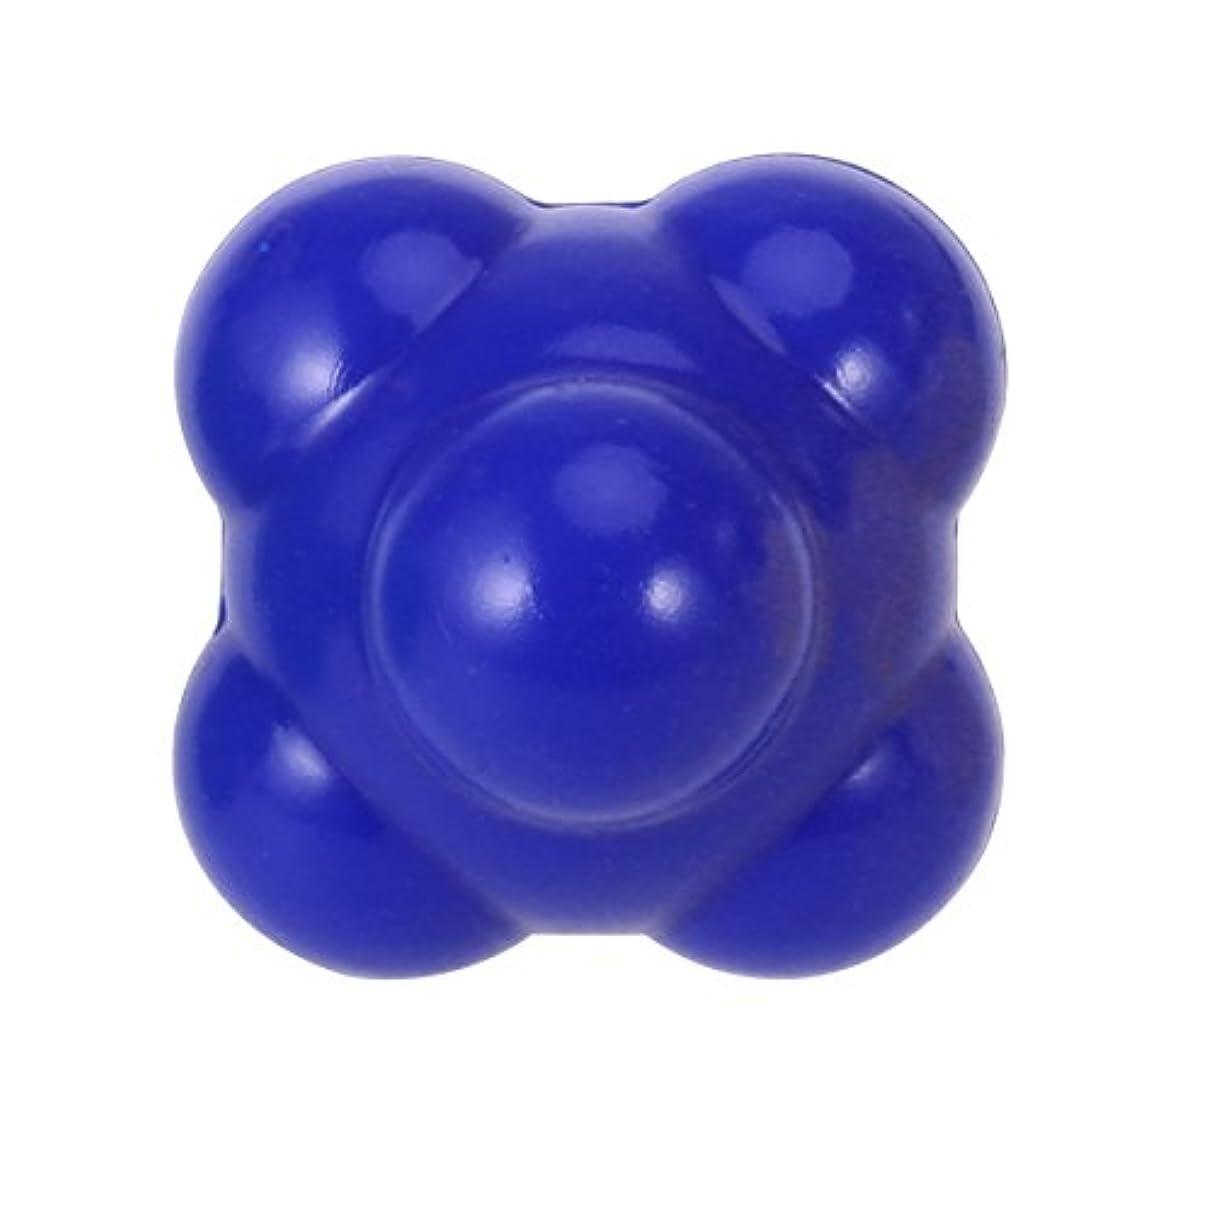 中傷勝つ皮肉ROSENICE 敏捷性ボール58mm優れたハンドアイ配位の開発(ブルー)